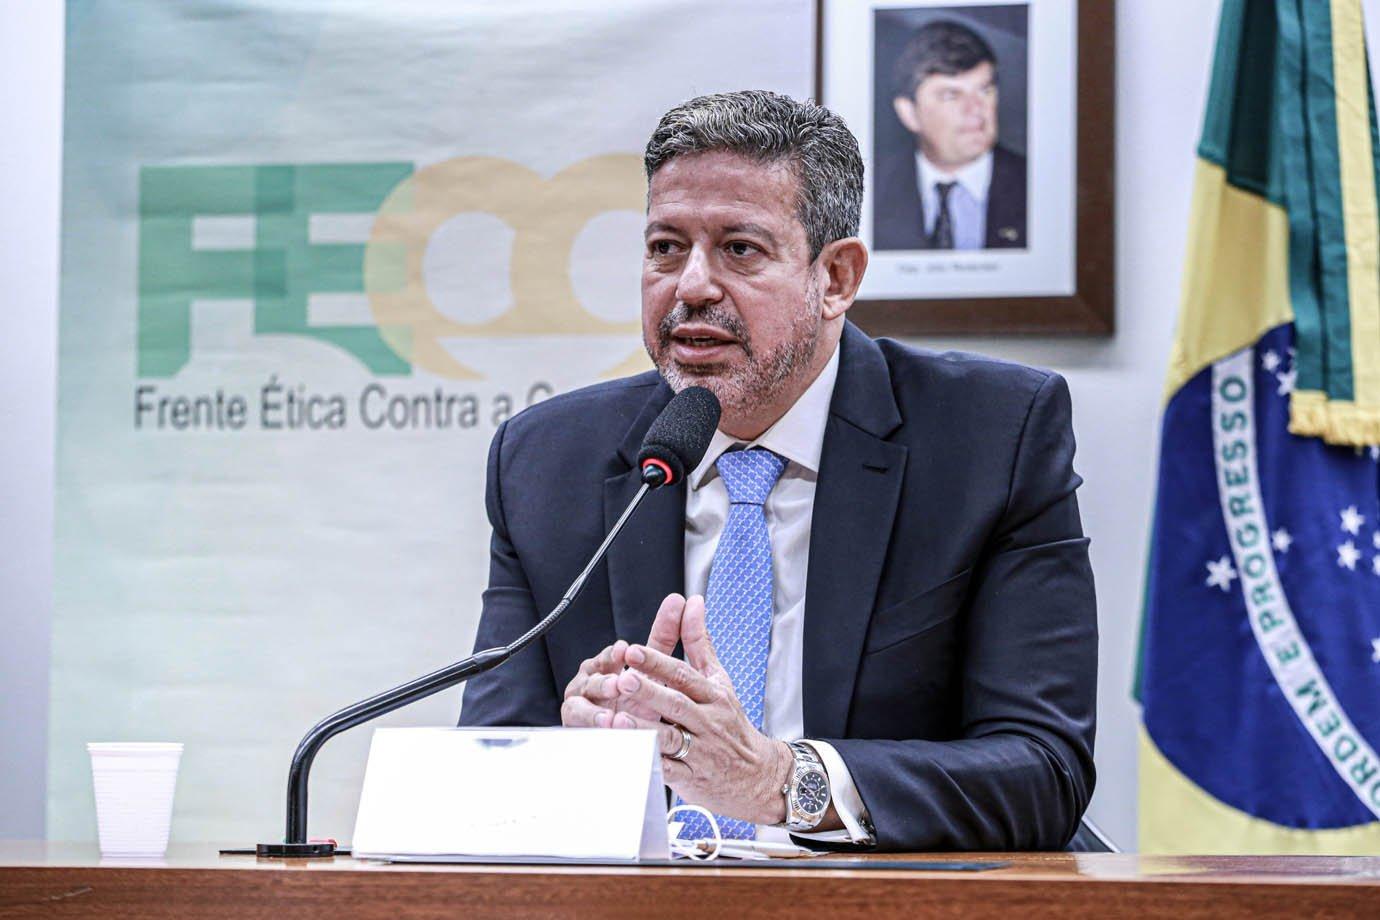 Lira diz que reação do mercado sobre Petrobras é bolha histérica e precisa ser sanada